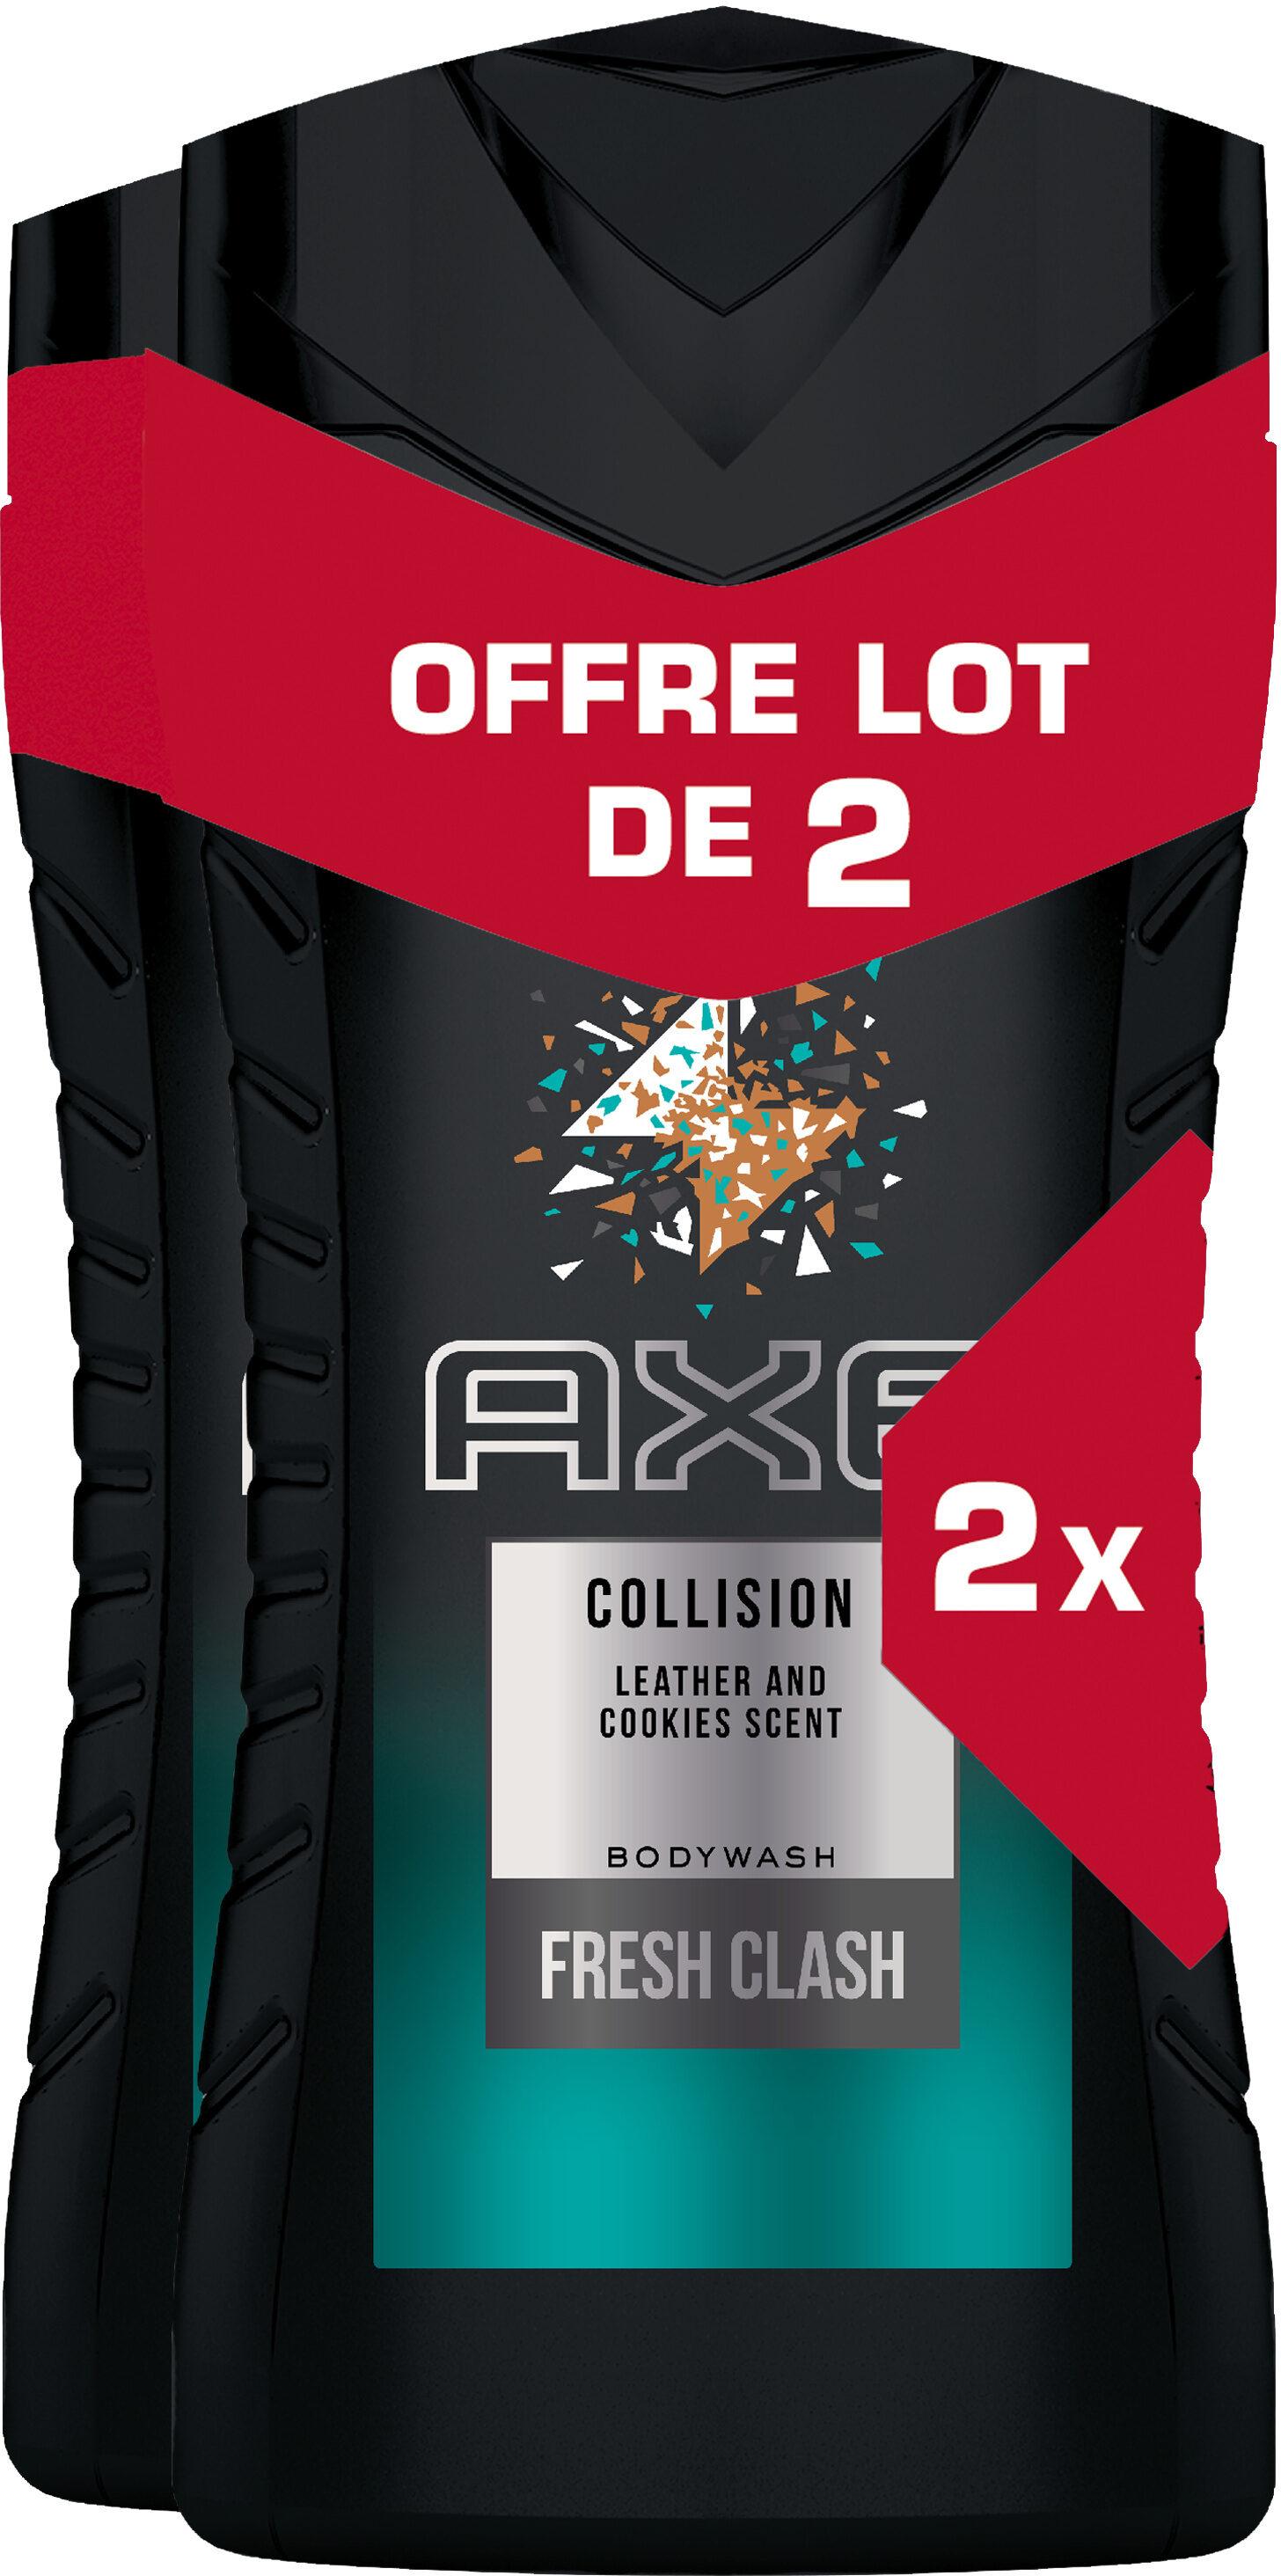 AXE Collision Gel Douche Homme Cuir & Cookies 250ml Lot de 2 - Produit - fr